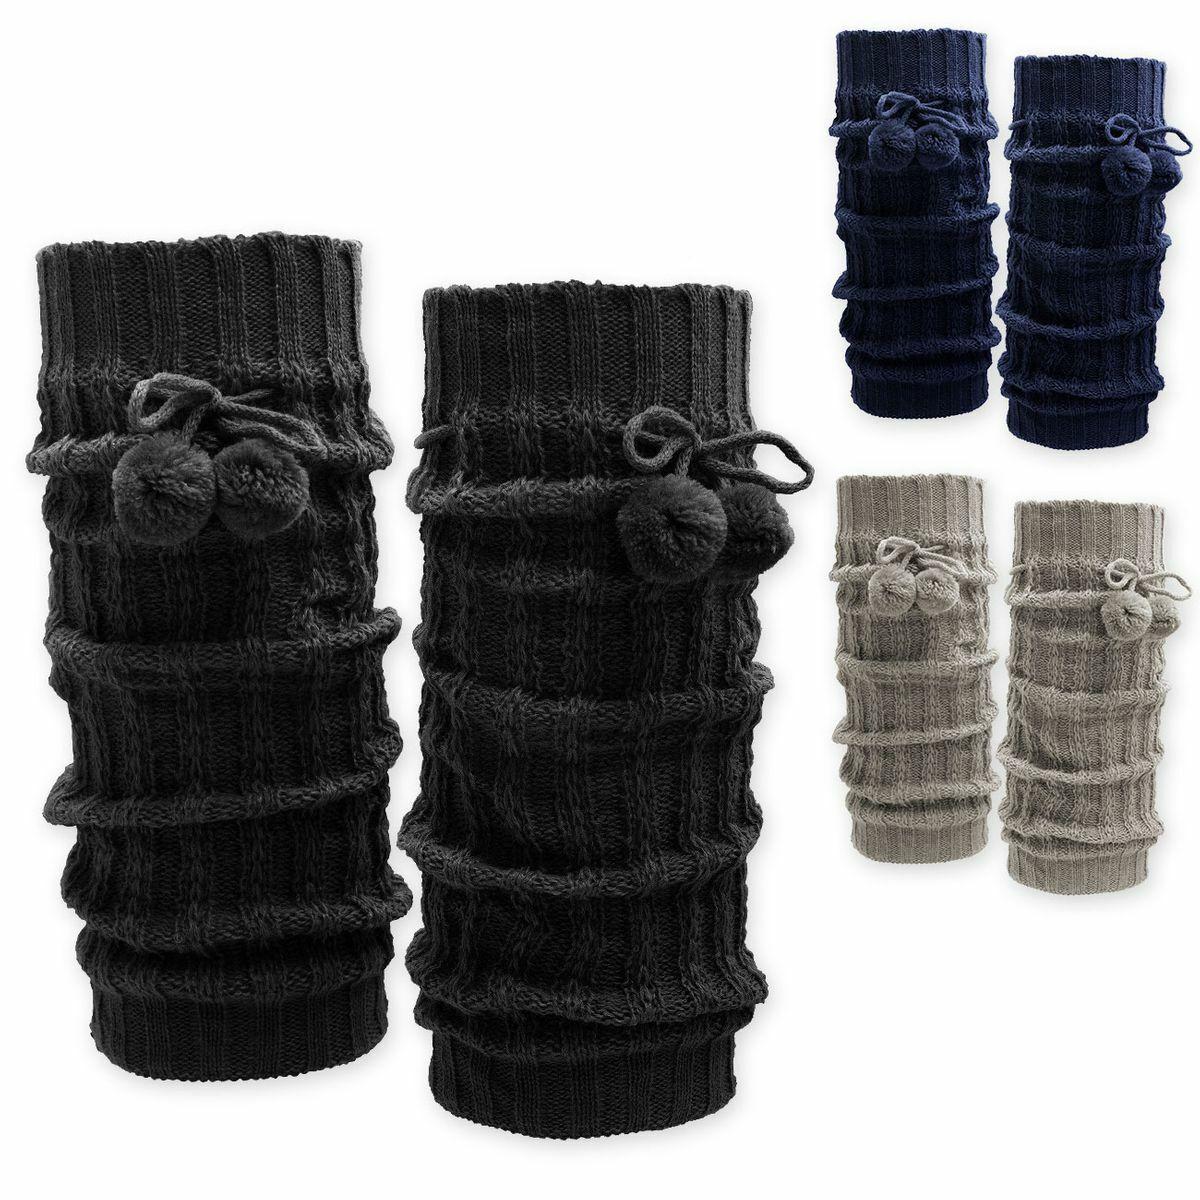 superweiche Grobstrick Bein Stulpen mit Bommeln Beinwärmer blau grau schwarz